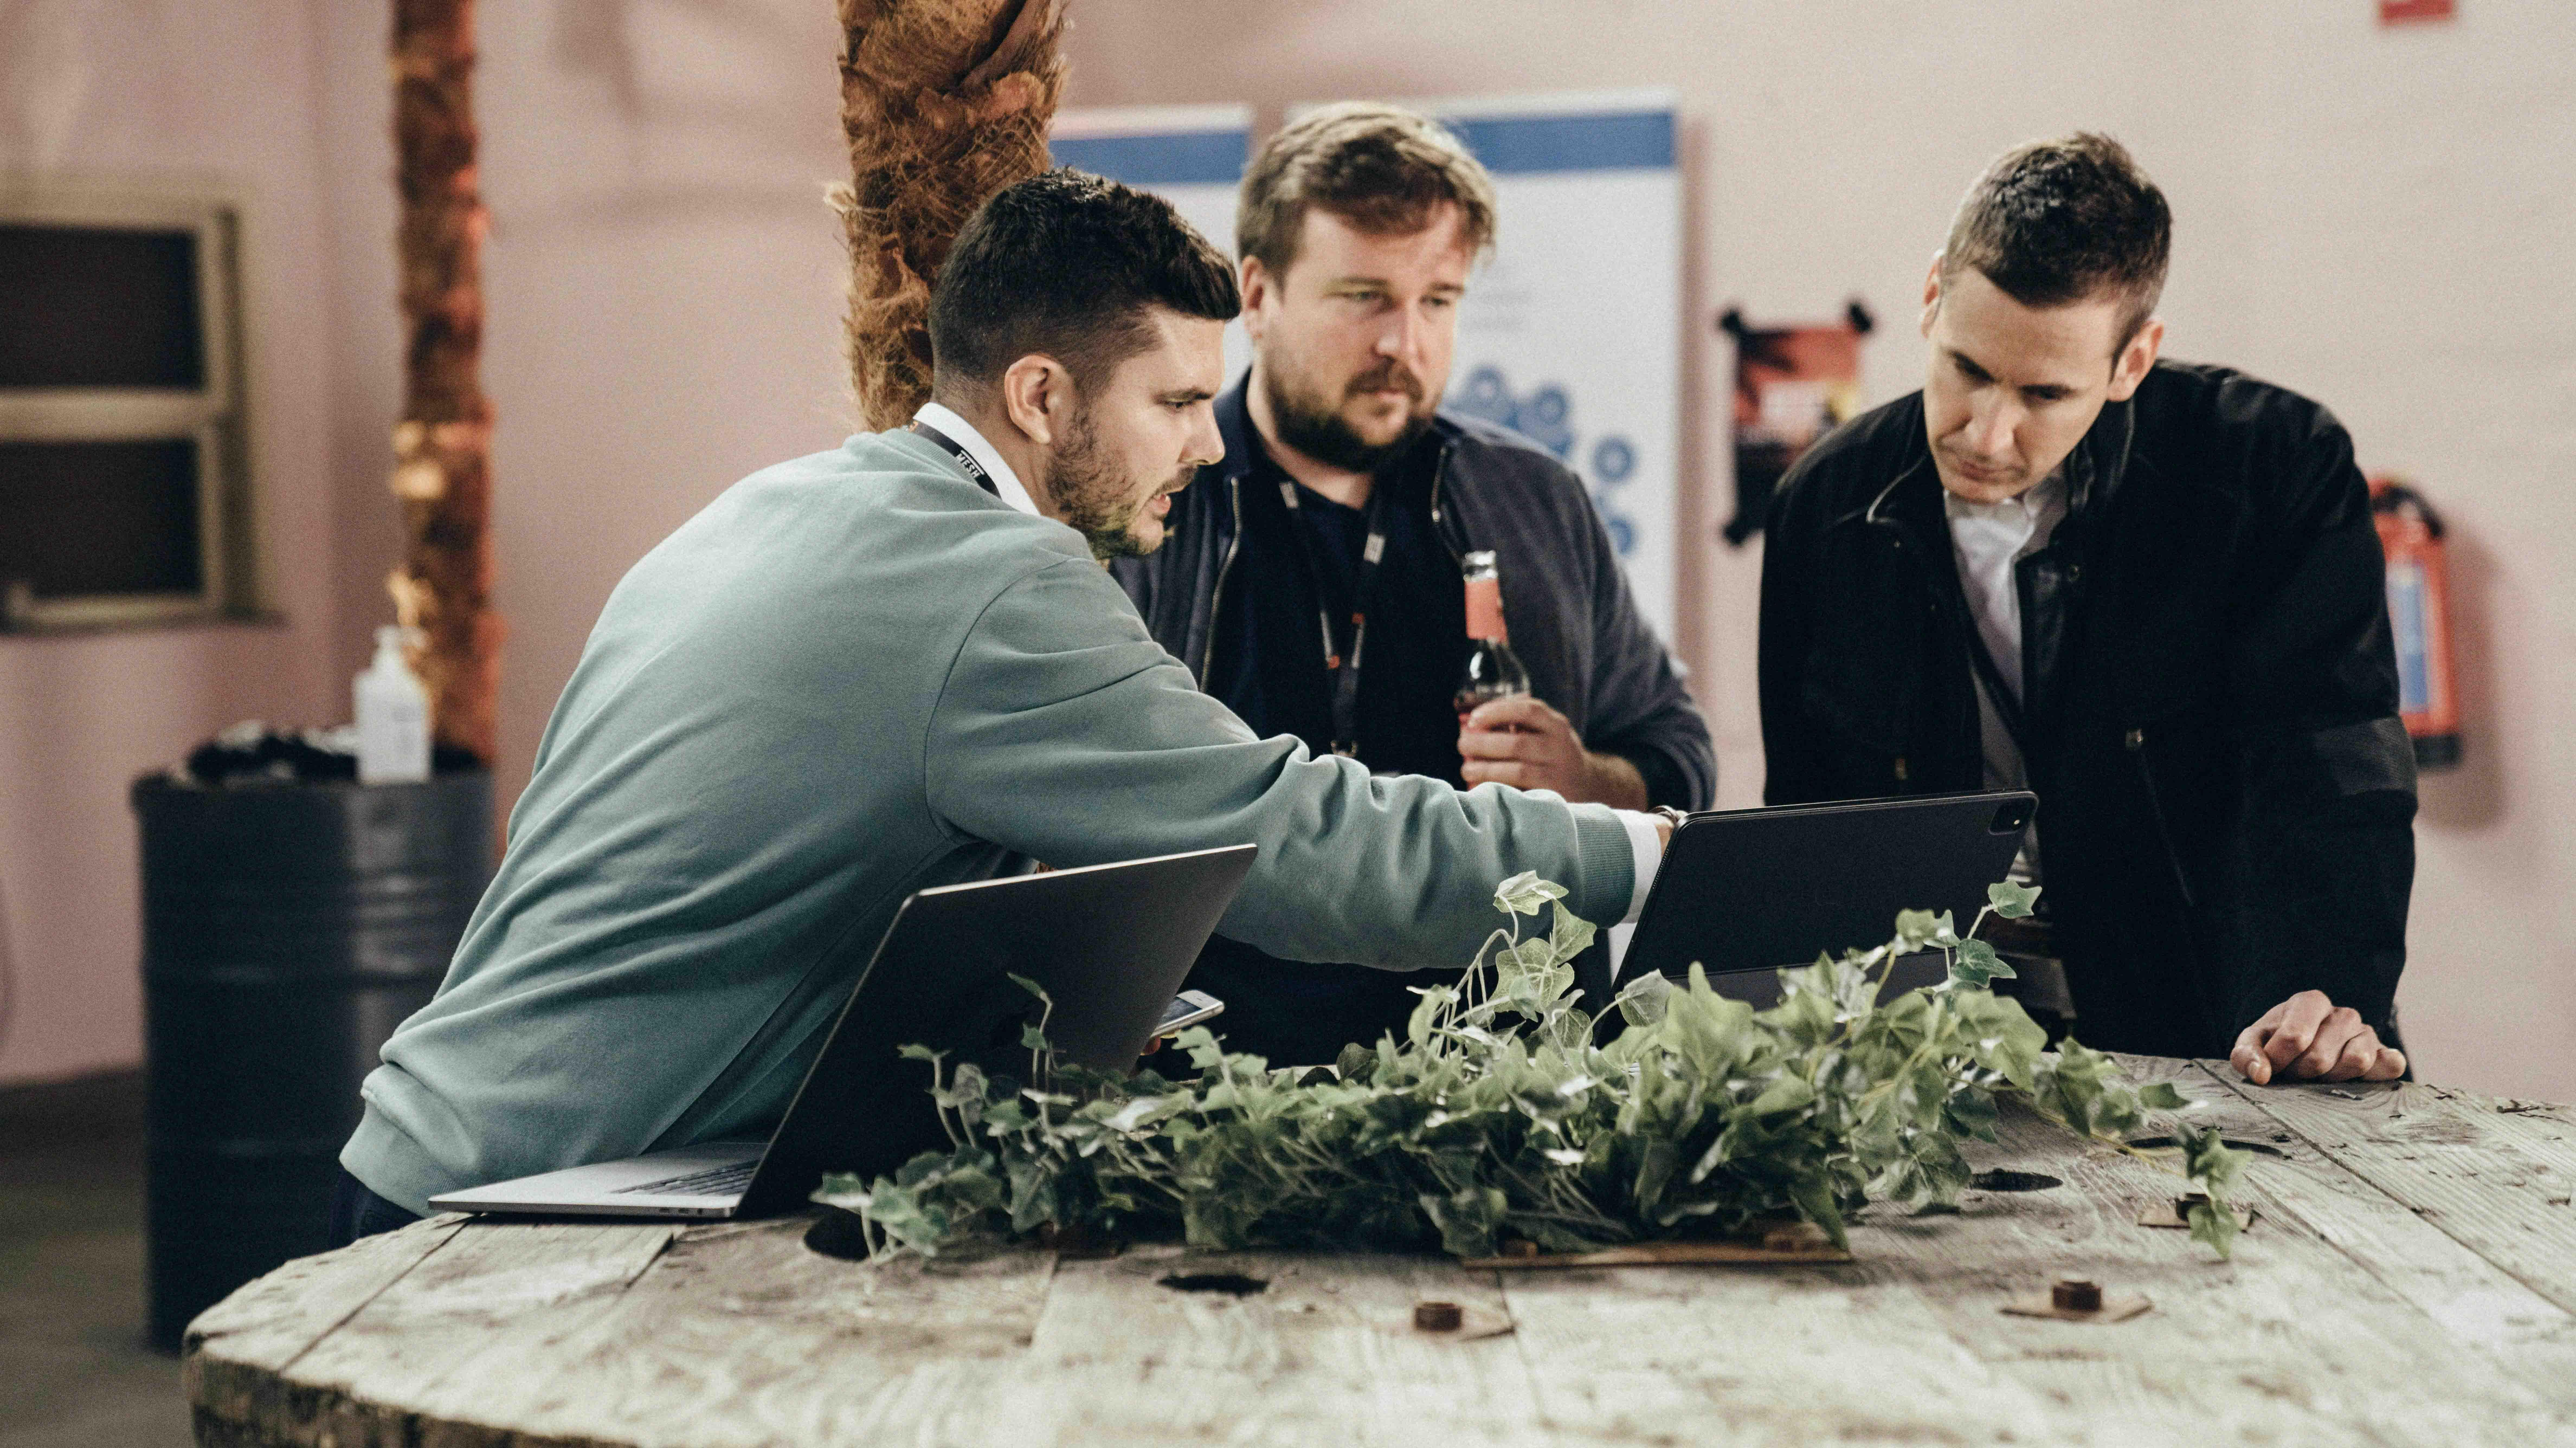 Männer unterhalten sich vor Laptops.